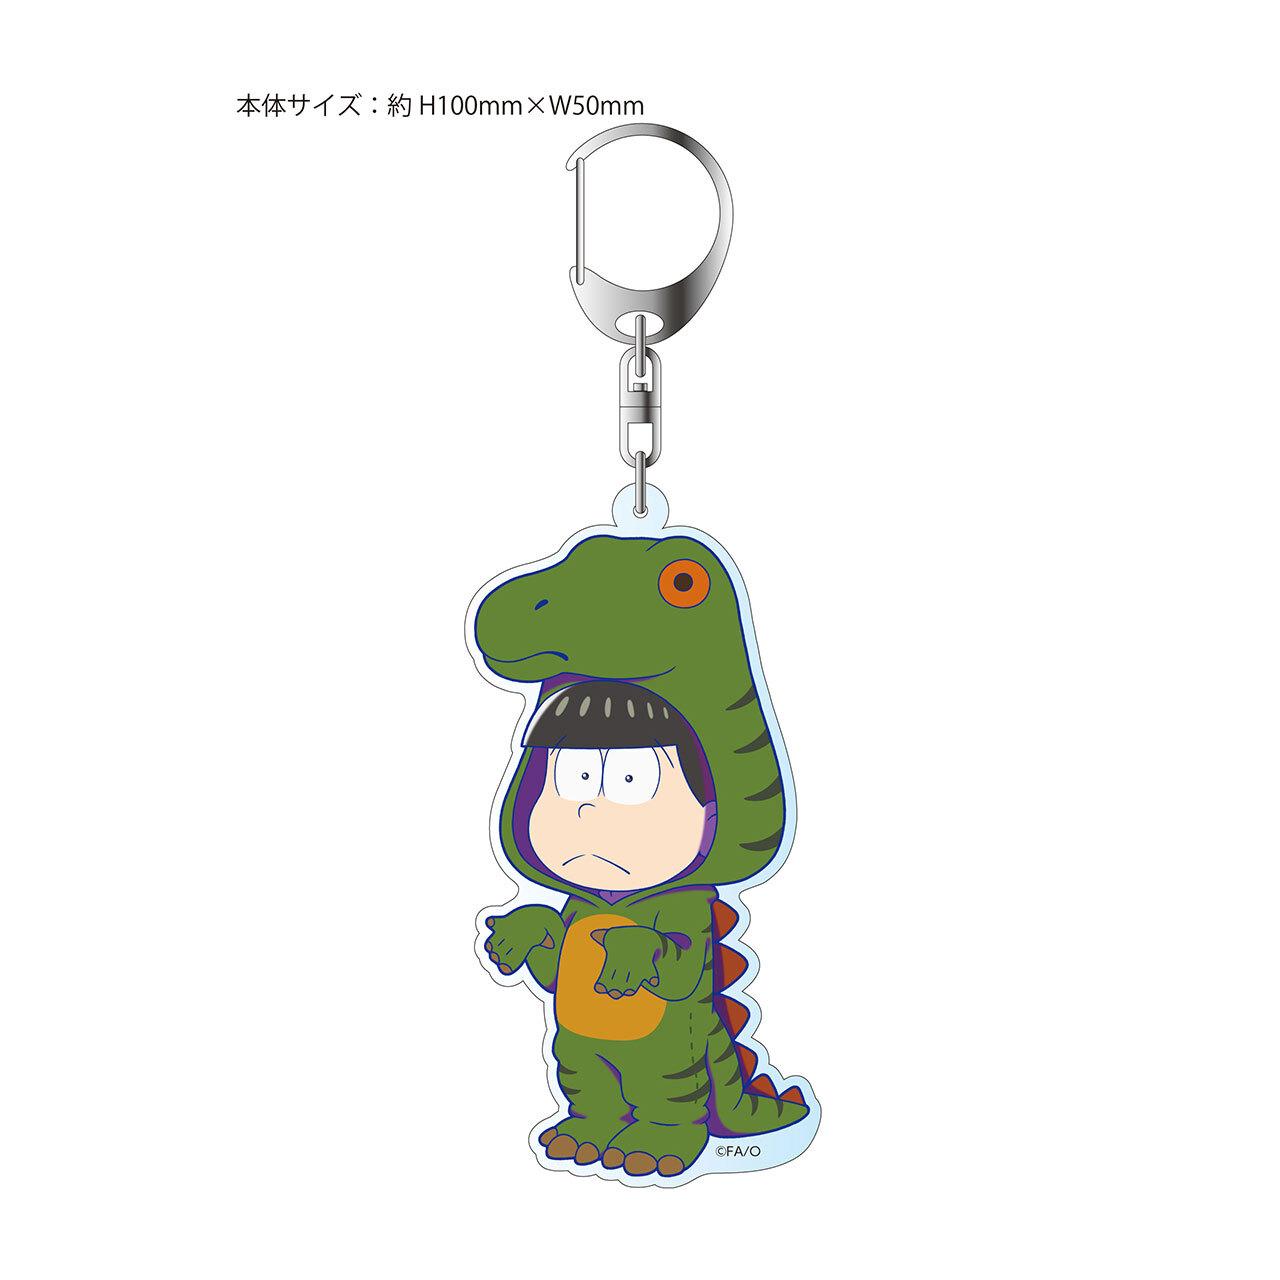 【4589839350280再】おそ松さん コシサウルス チョロ松 アクリルキーホルダー